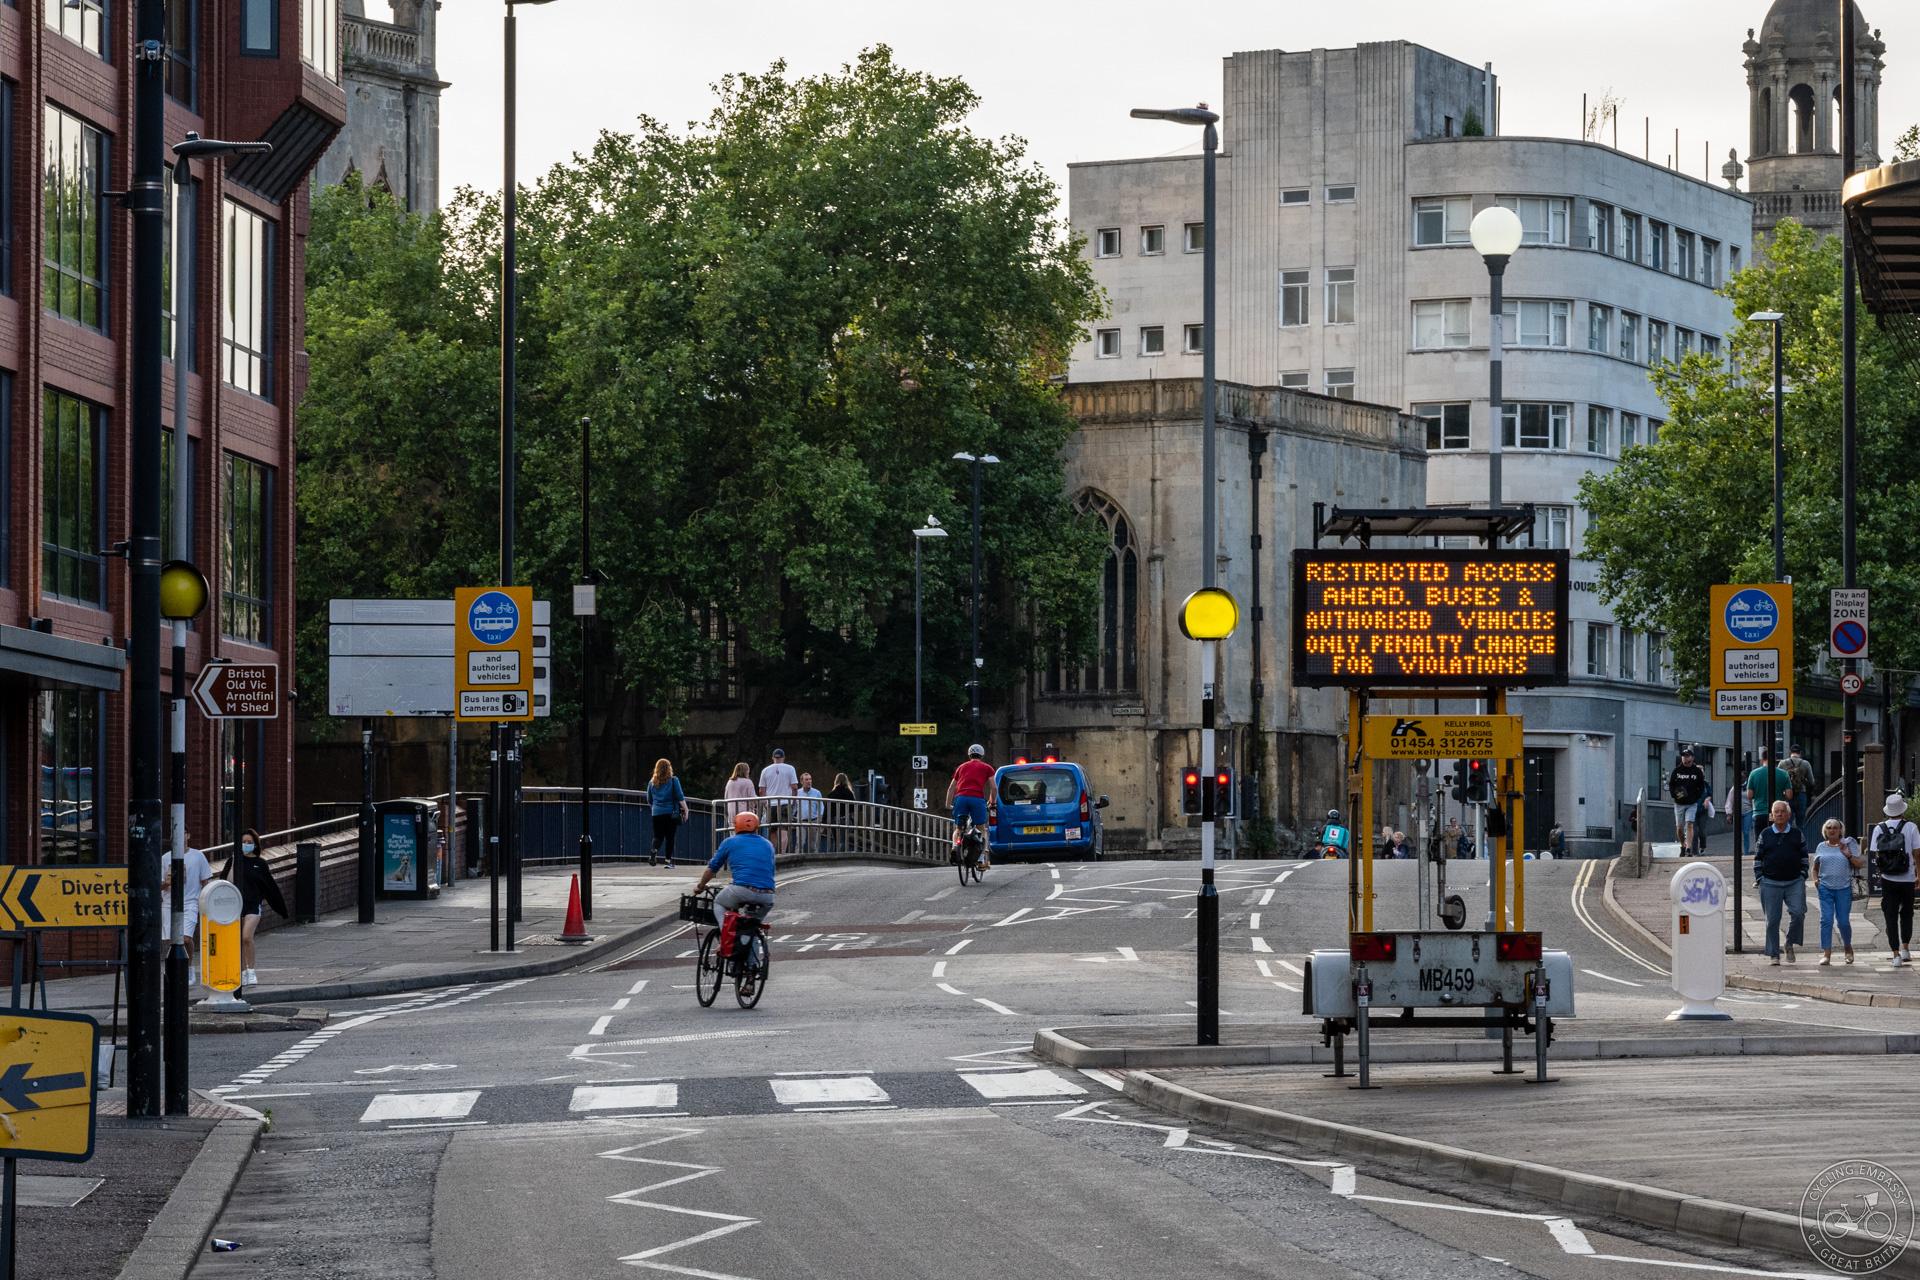 A bus gate in Bristol